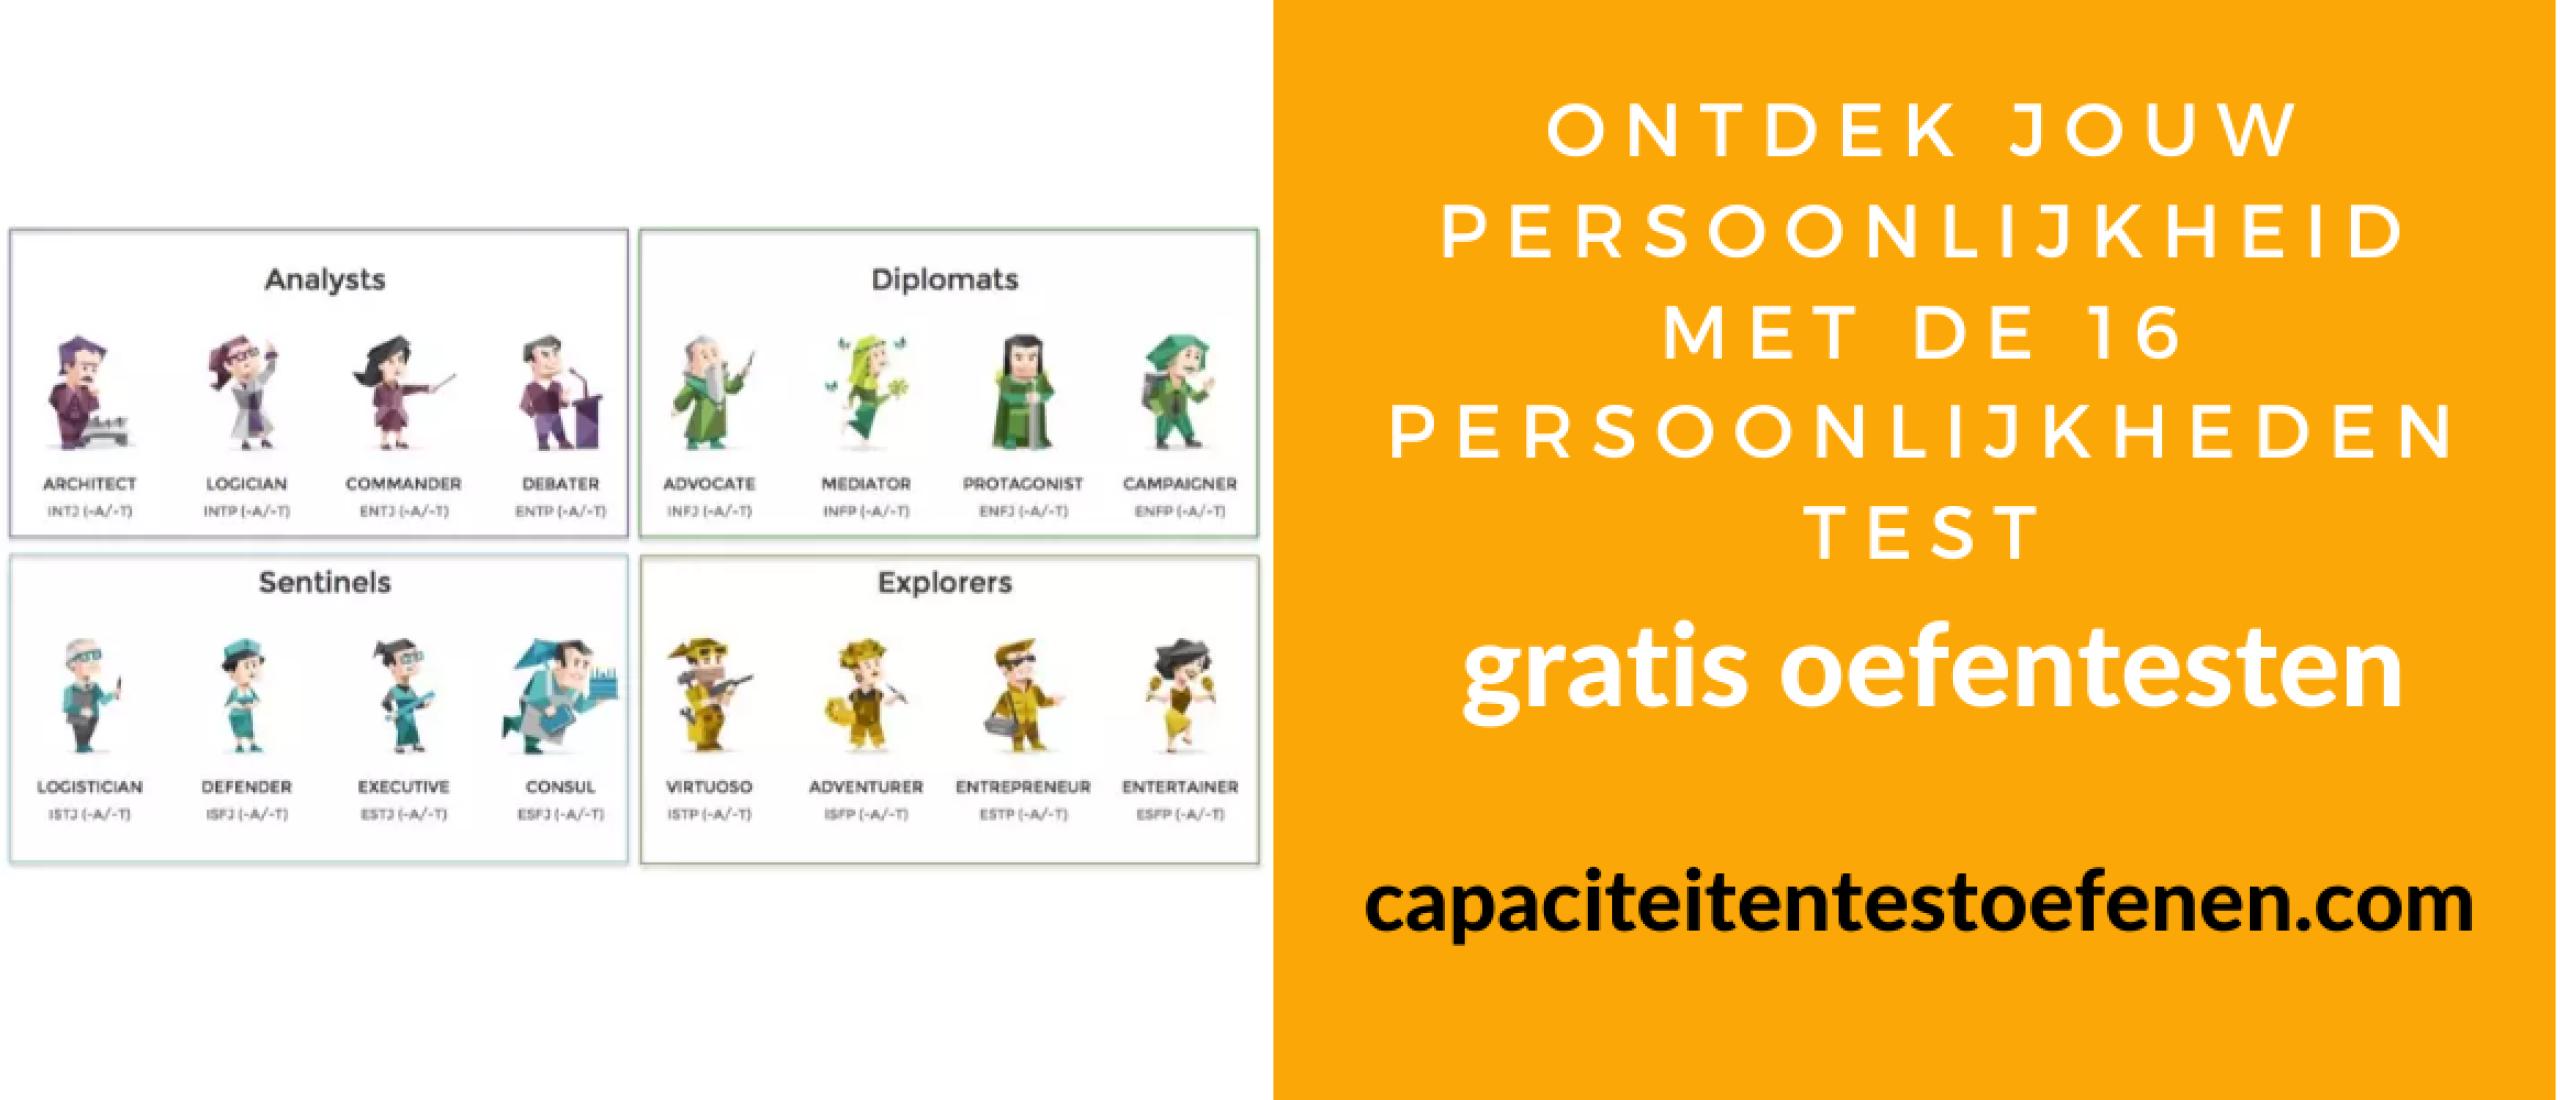 Ontdek jouw persoonlijkheid met de 16 persoonlijkheden test